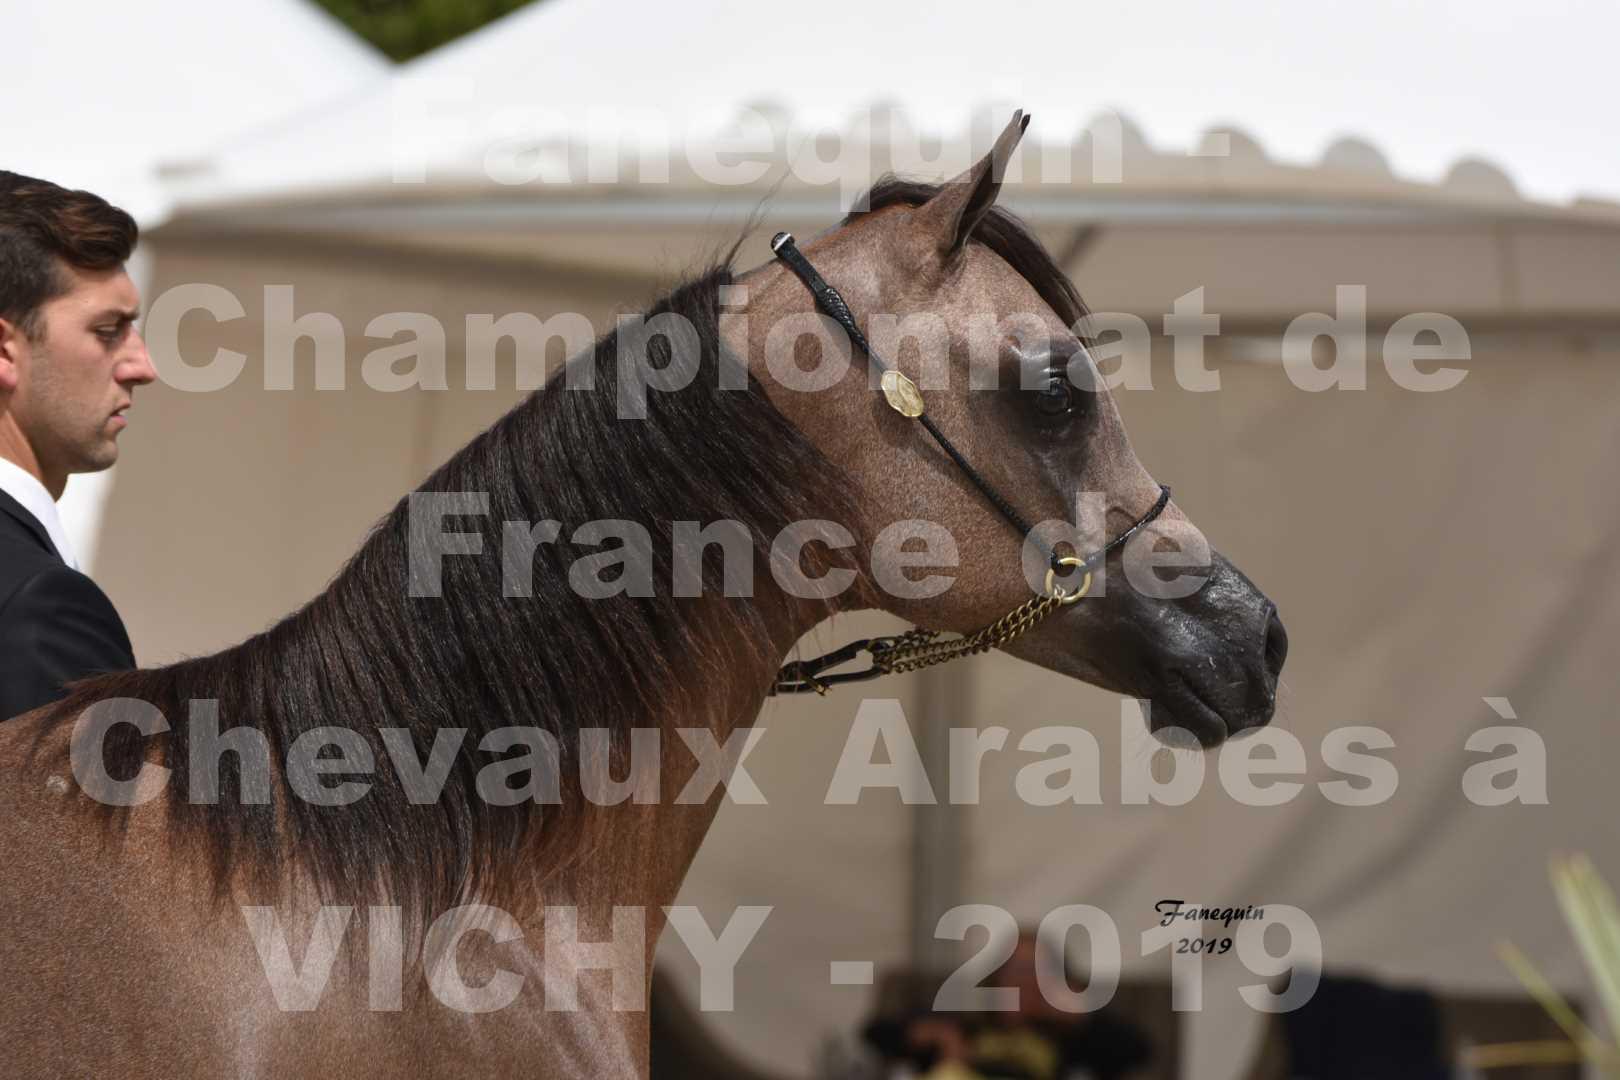 Championnat de France des chevaux Arabes en 2019 à VICHY - KENELM MISTRAL - 1